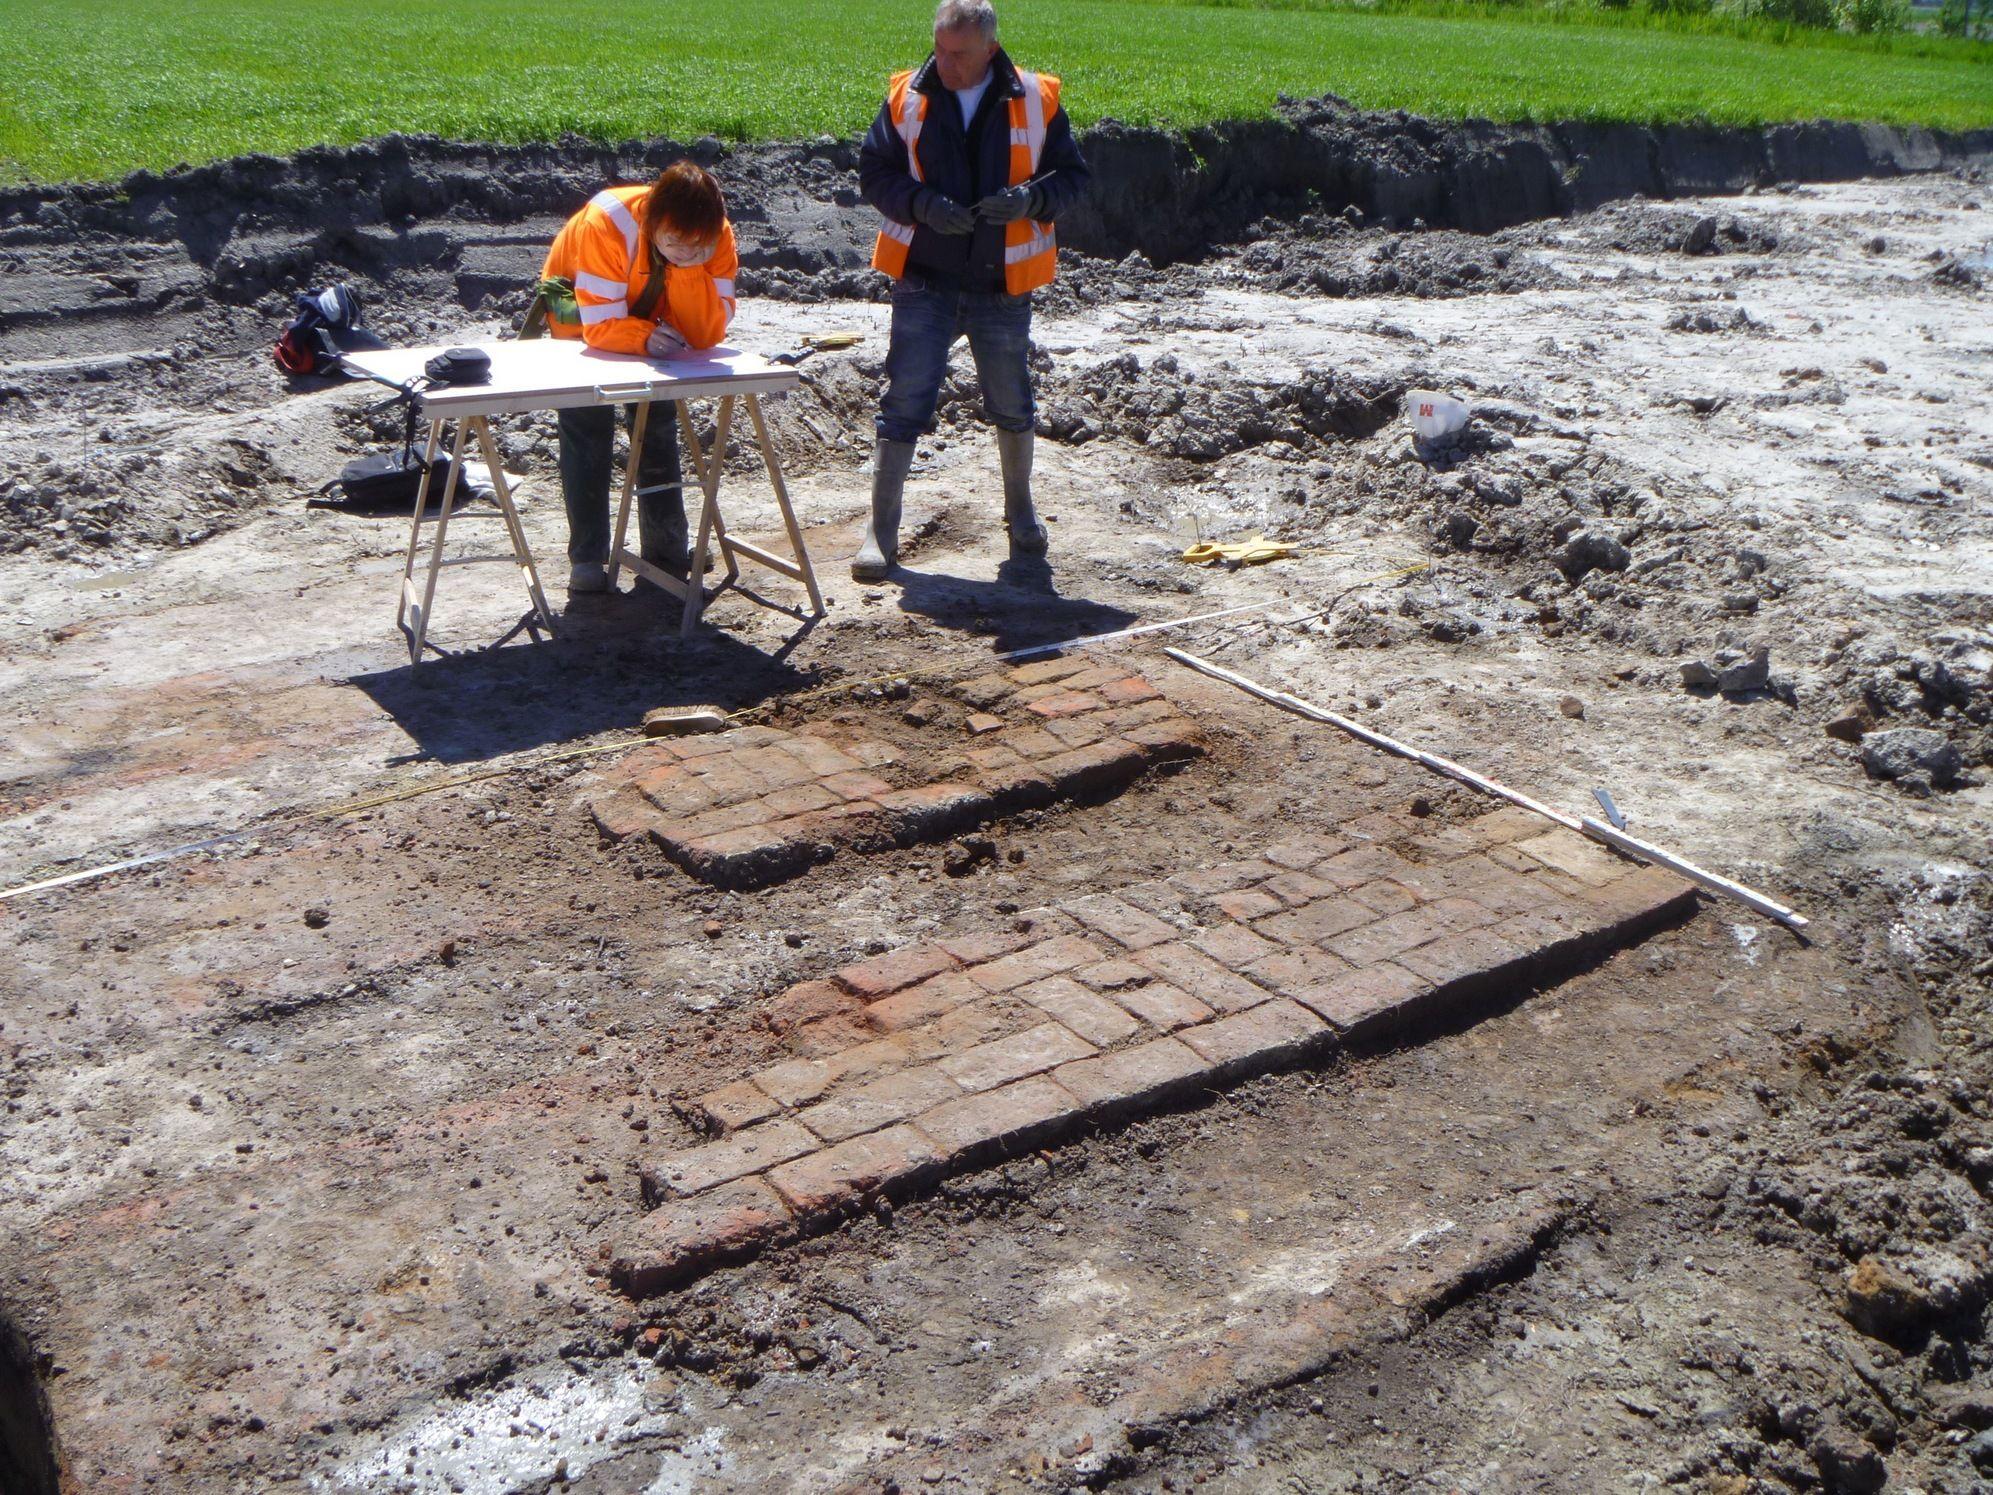 Documenteren van een veldbrandoven bij Arnemuiden. (Walcherse Archeologische Dienst)